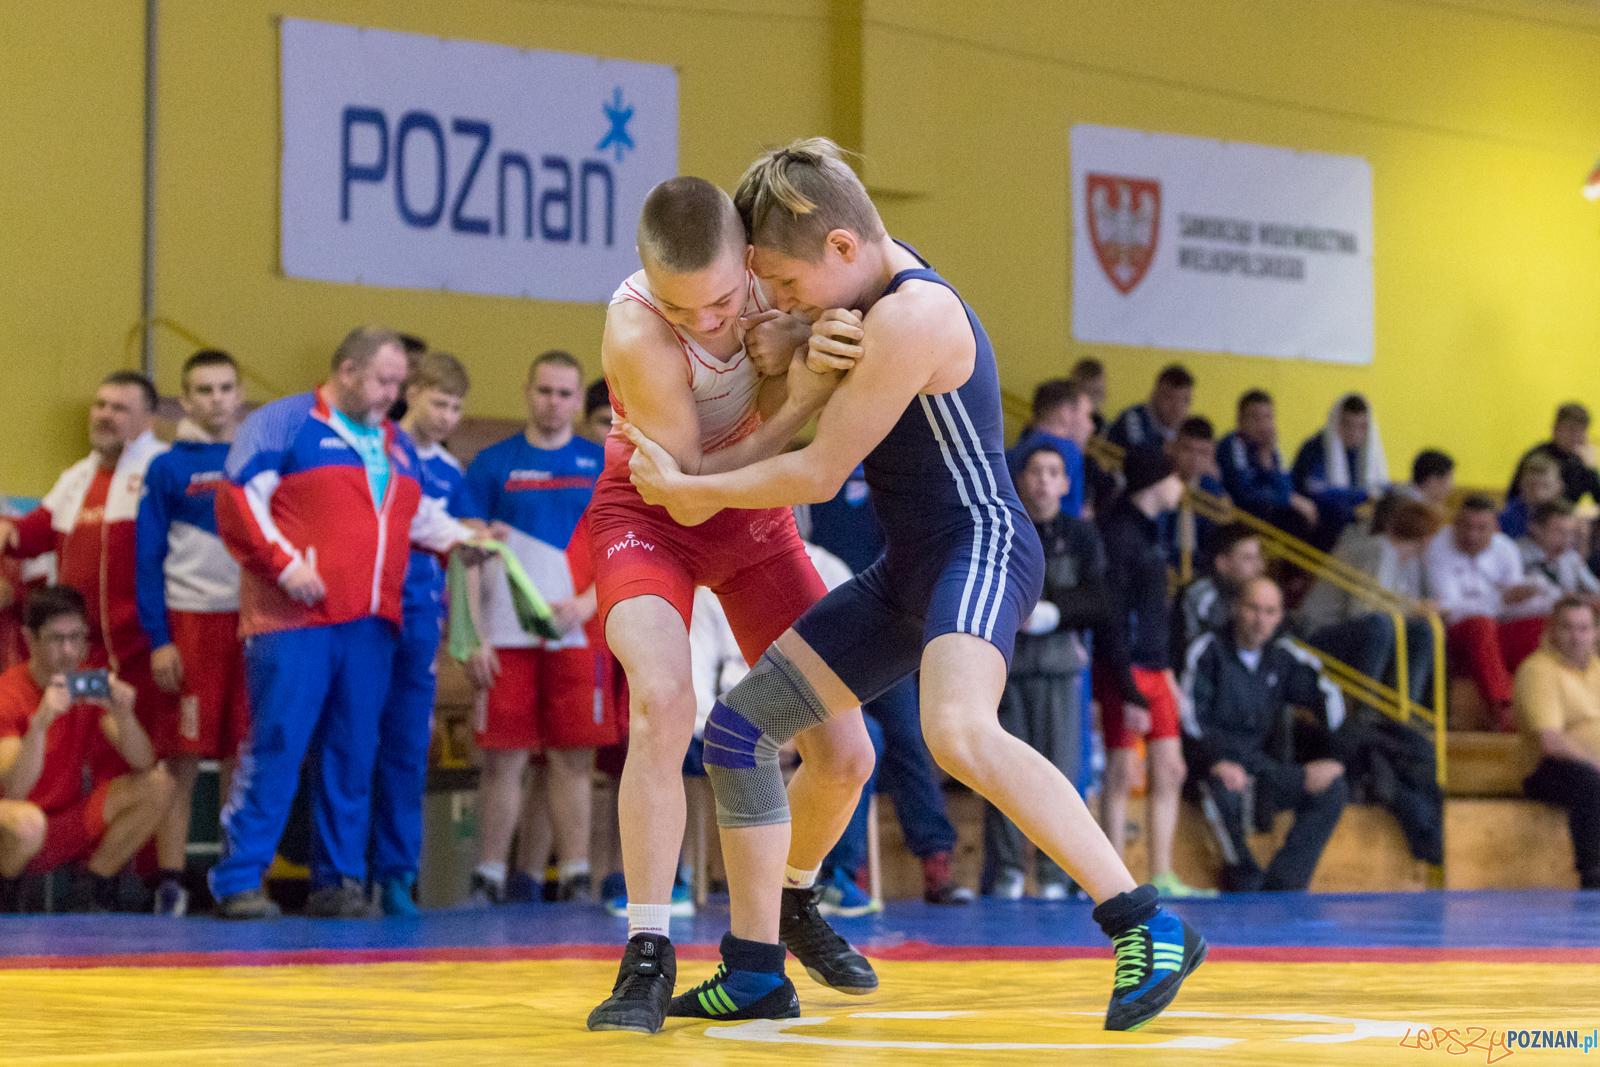 XXVII Międzynarodowy Turniej Zapaśniczy o Puchar Sobieskiego  Foto: lepszyPOZNAN.pl/Piotr Rychter